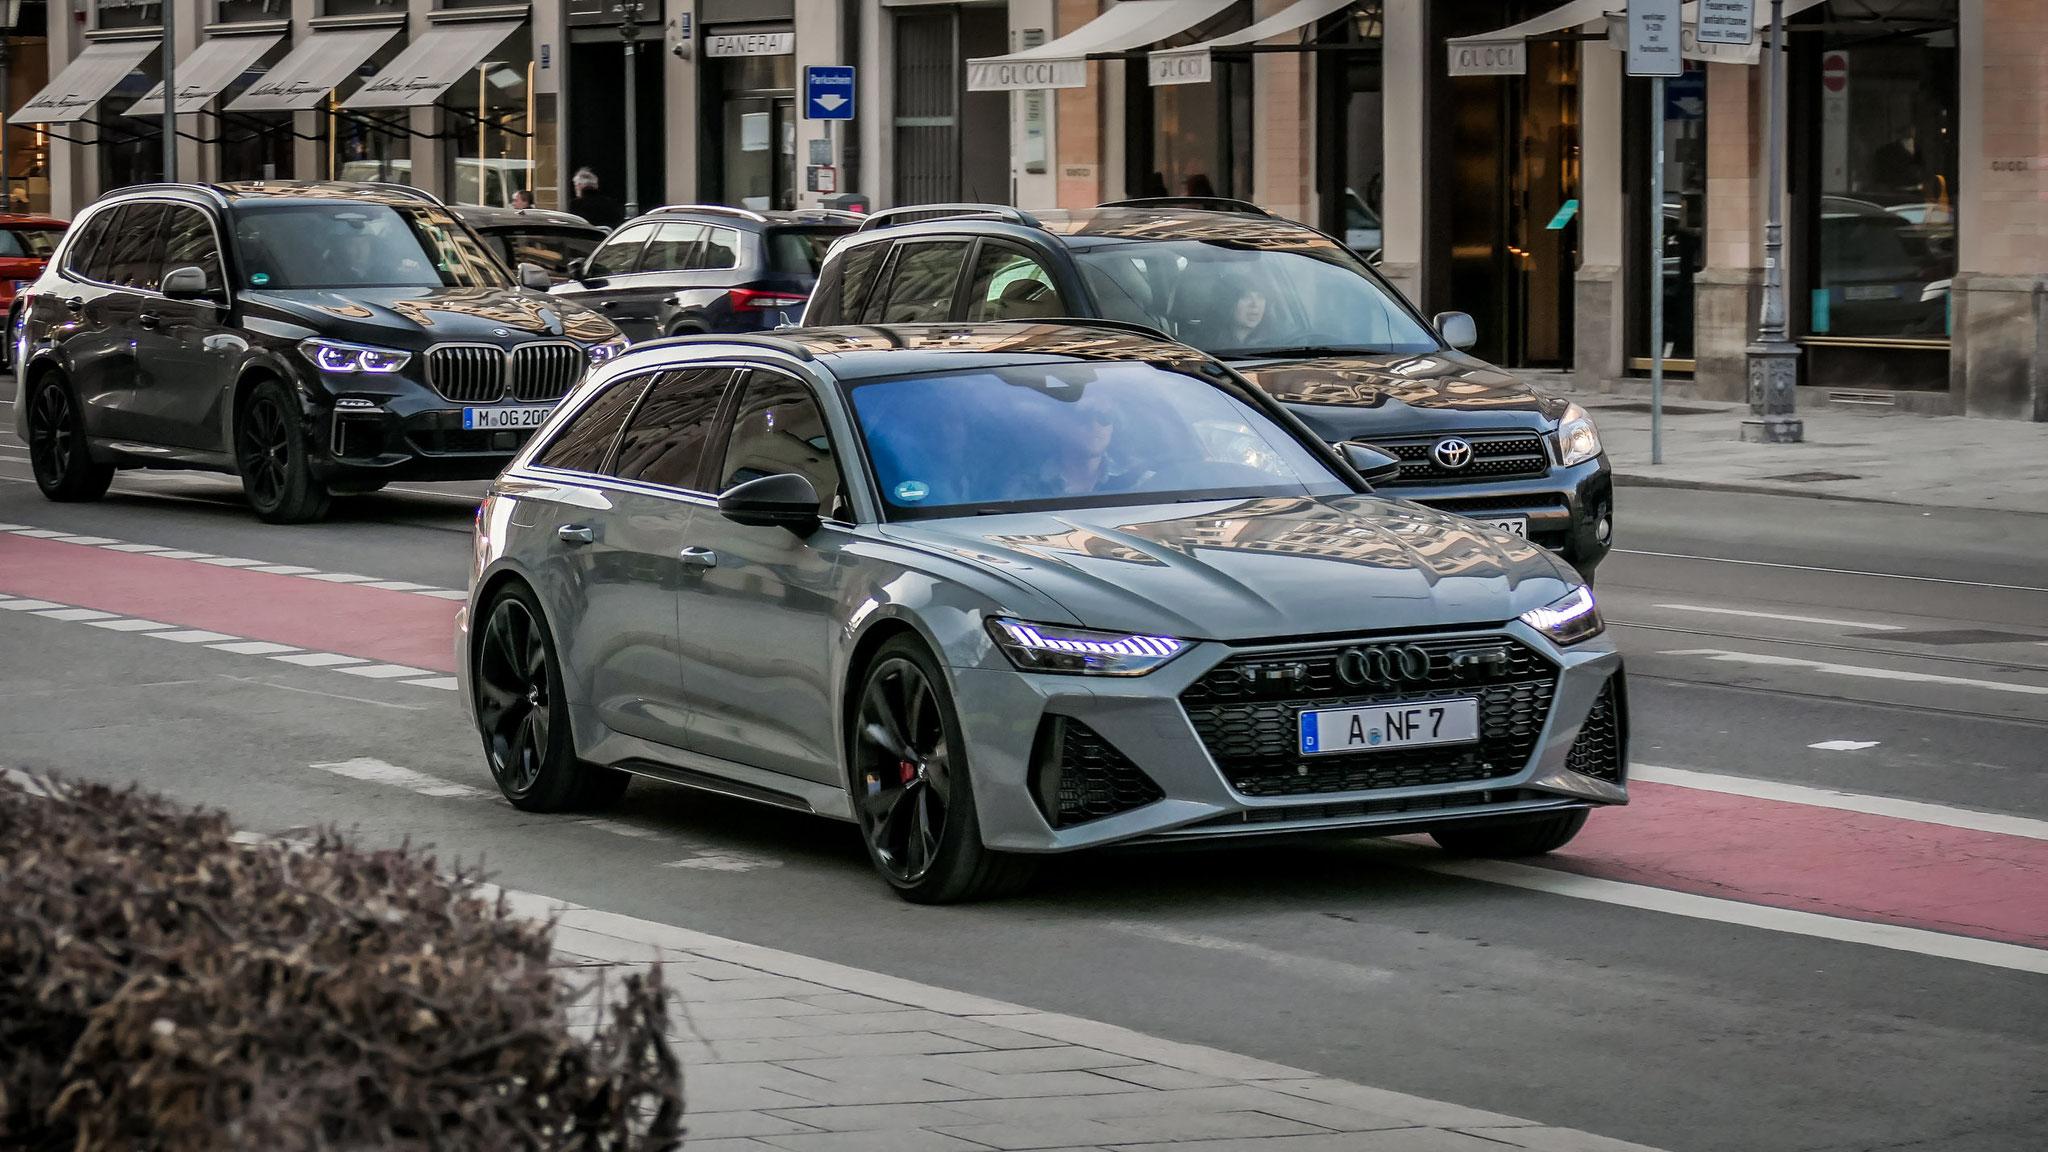 Audi RS6 - A-NF-7